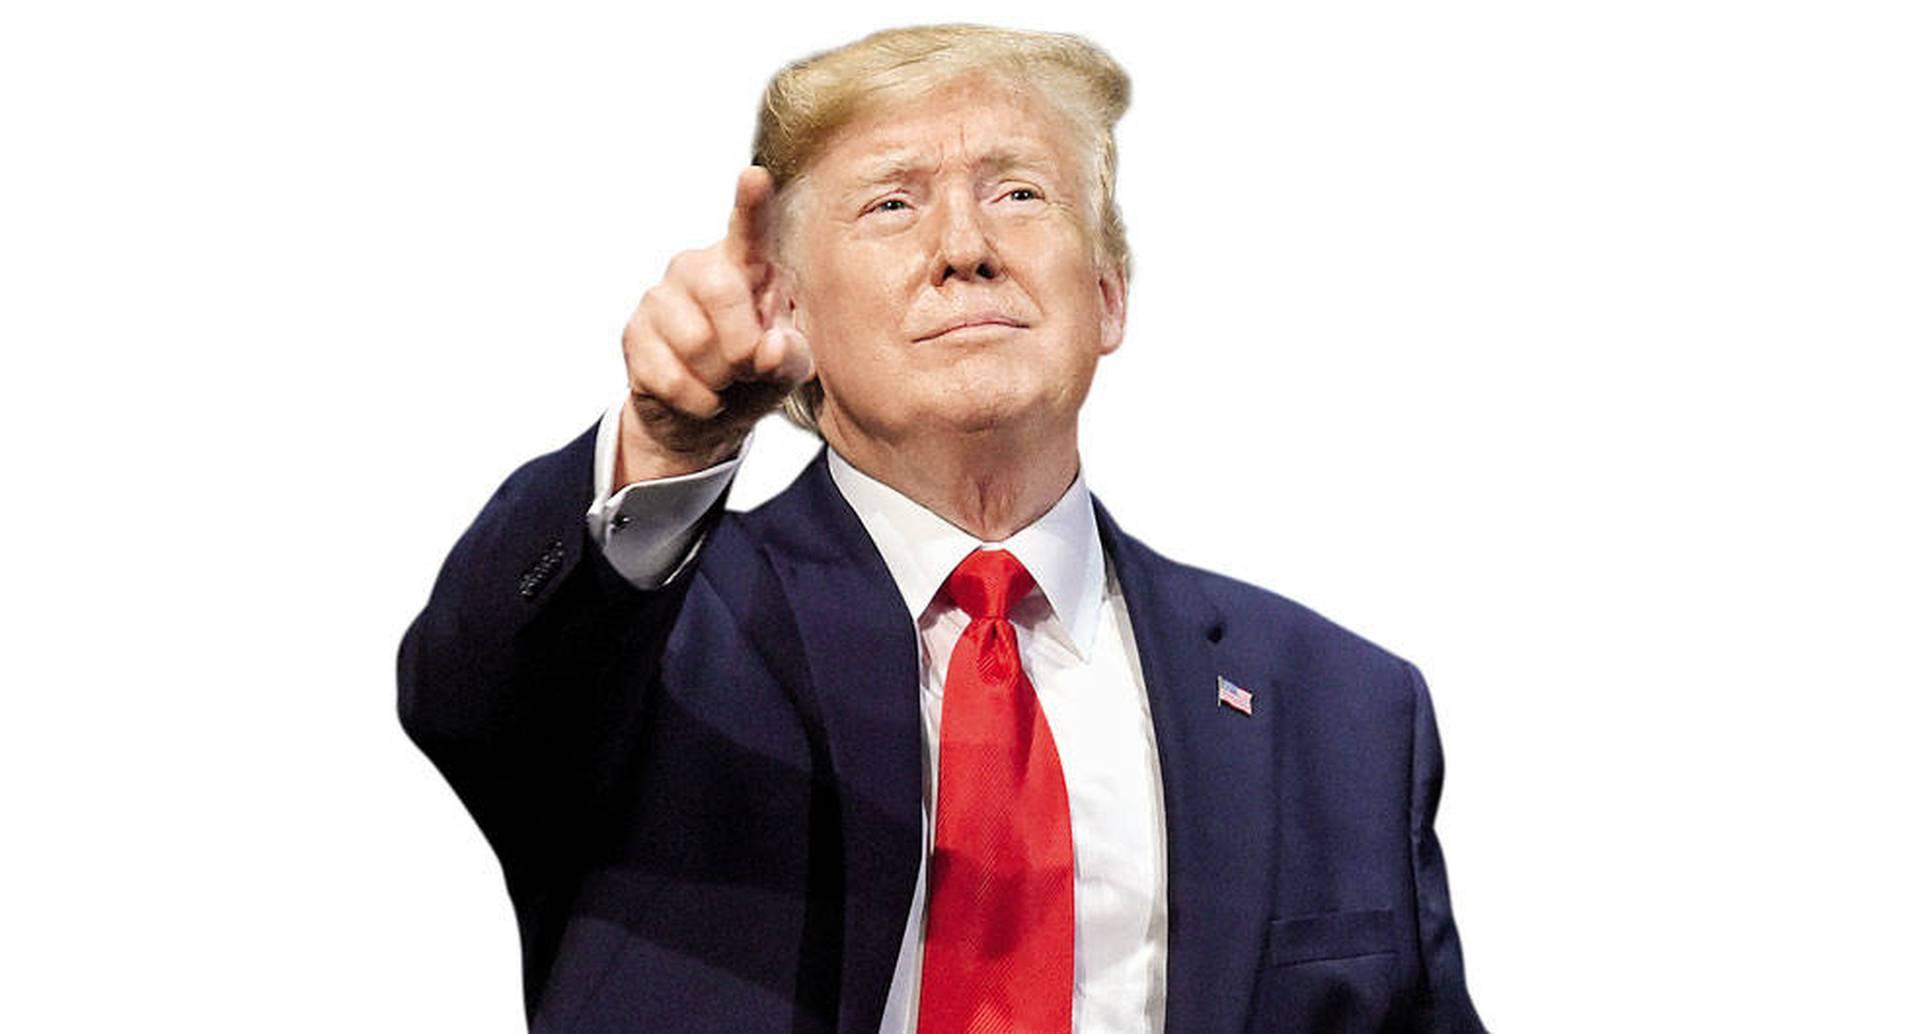 Donald Trump está empujando los límites de su propio partido. Su nueva decisión pesará en la conciencia de muchos.